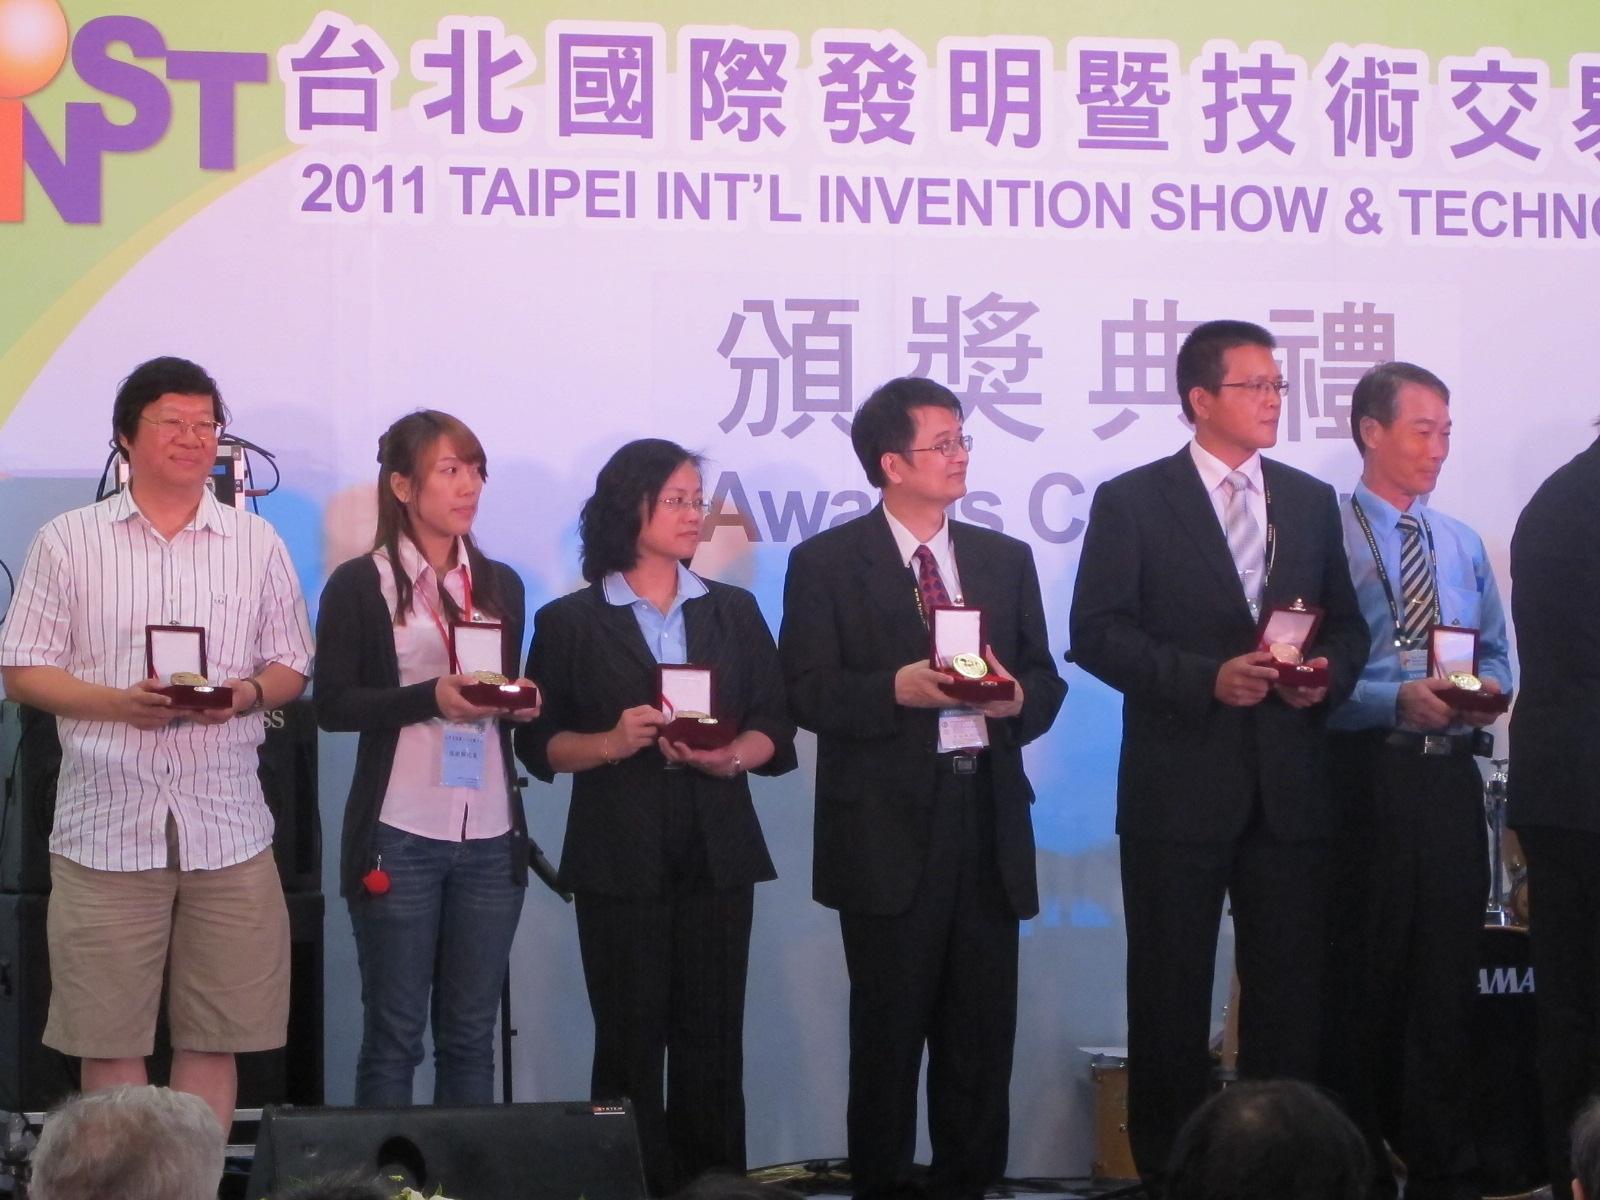 賀!台北國際發明展 中原榮獲2金、2銀、1銅